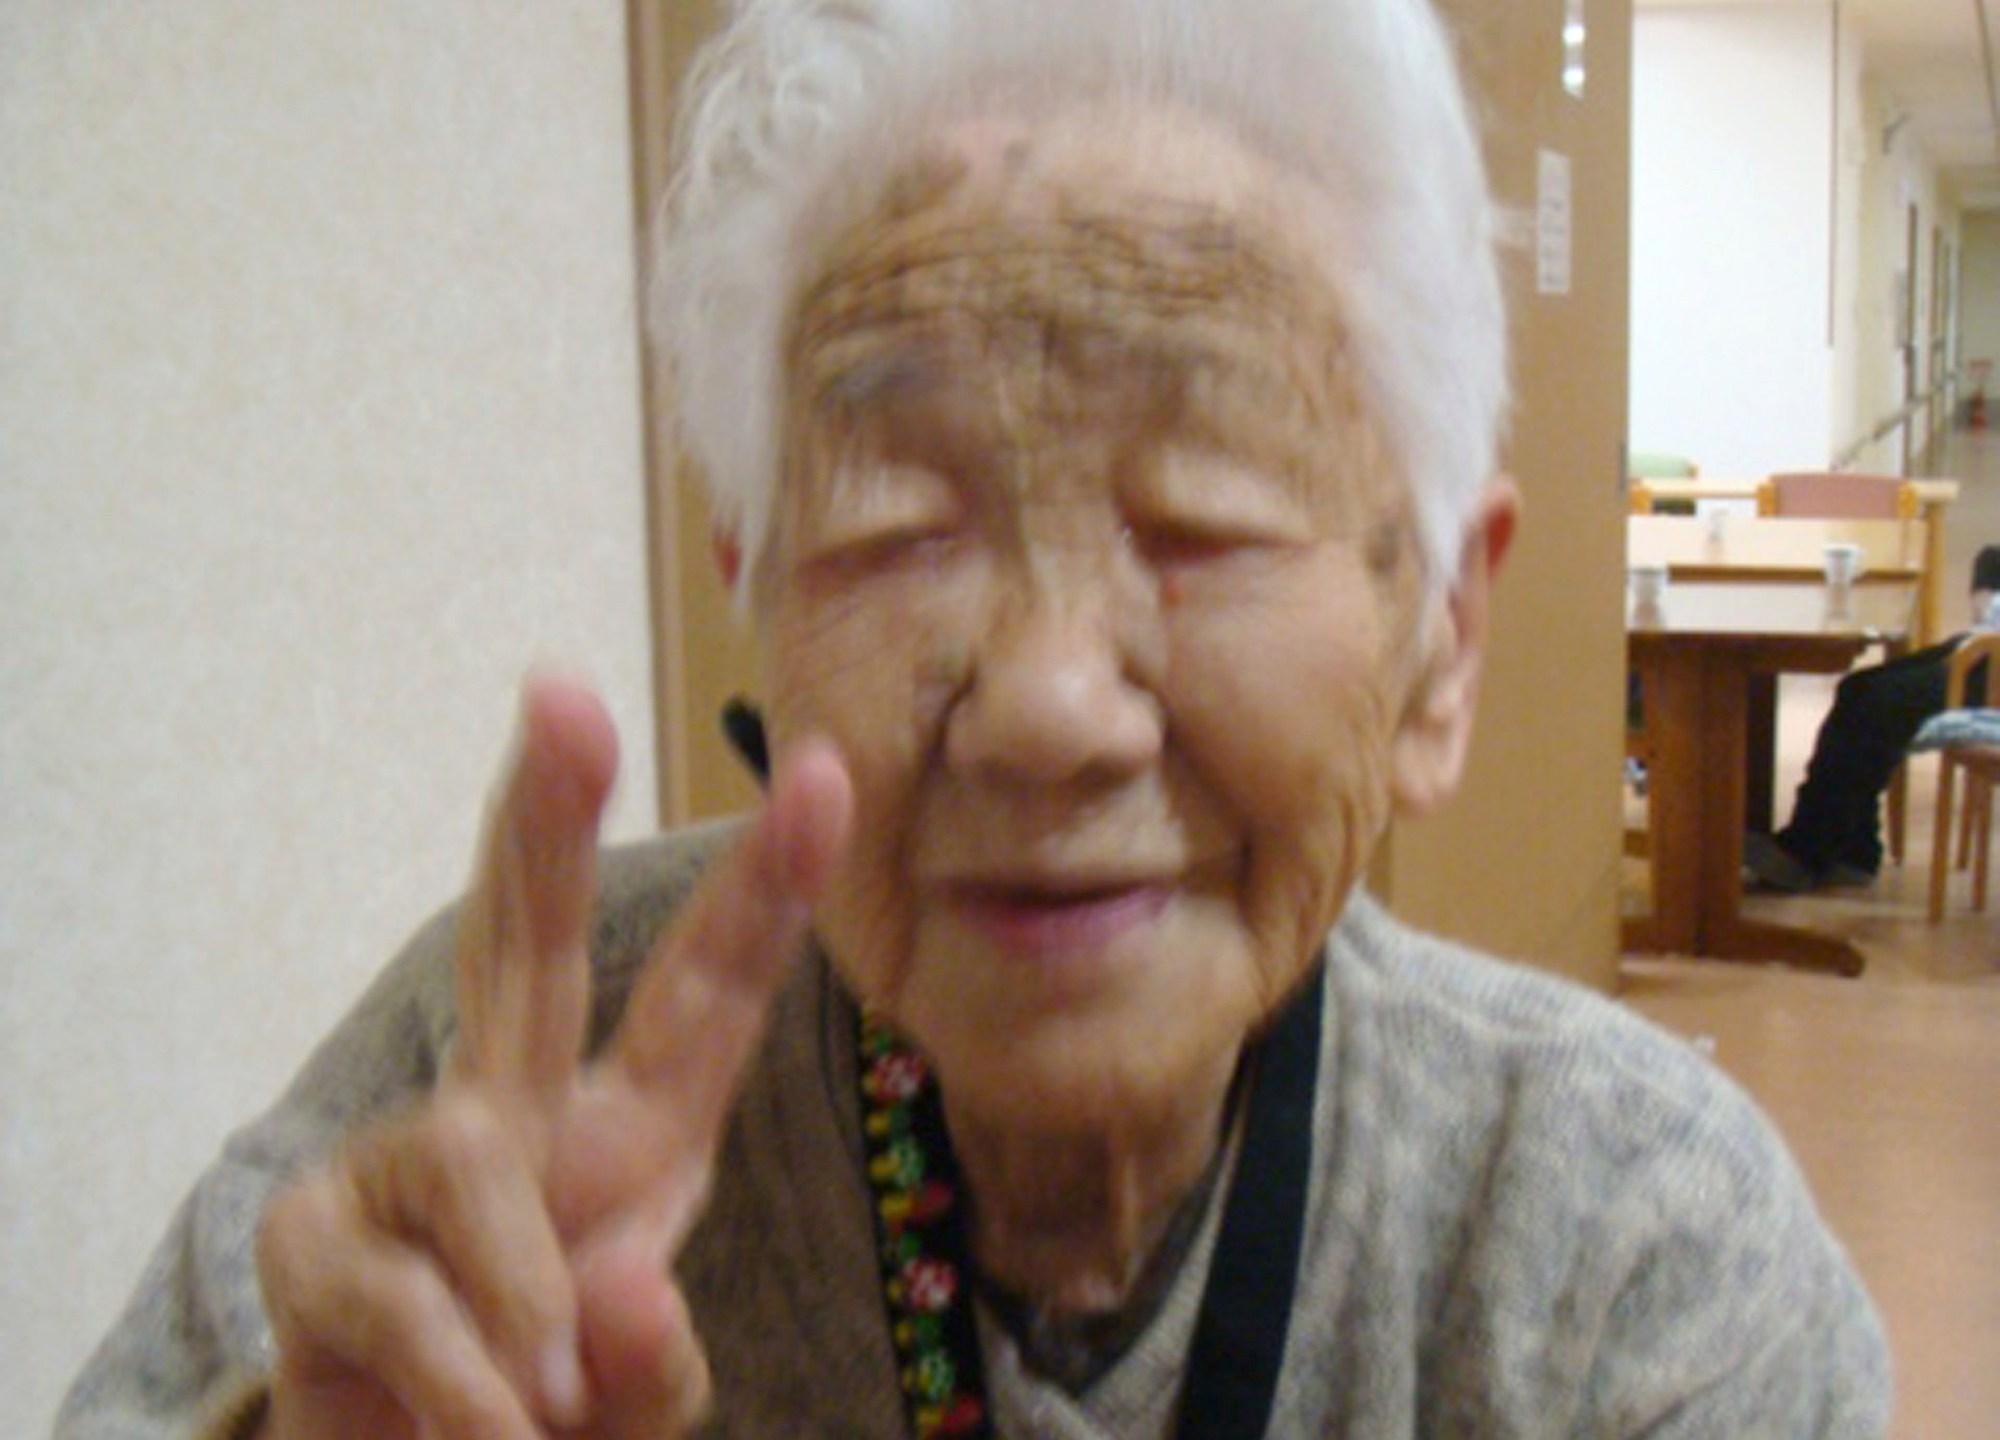 Japan_Oldest_Person_Dies_16688-159532.jpg77125125